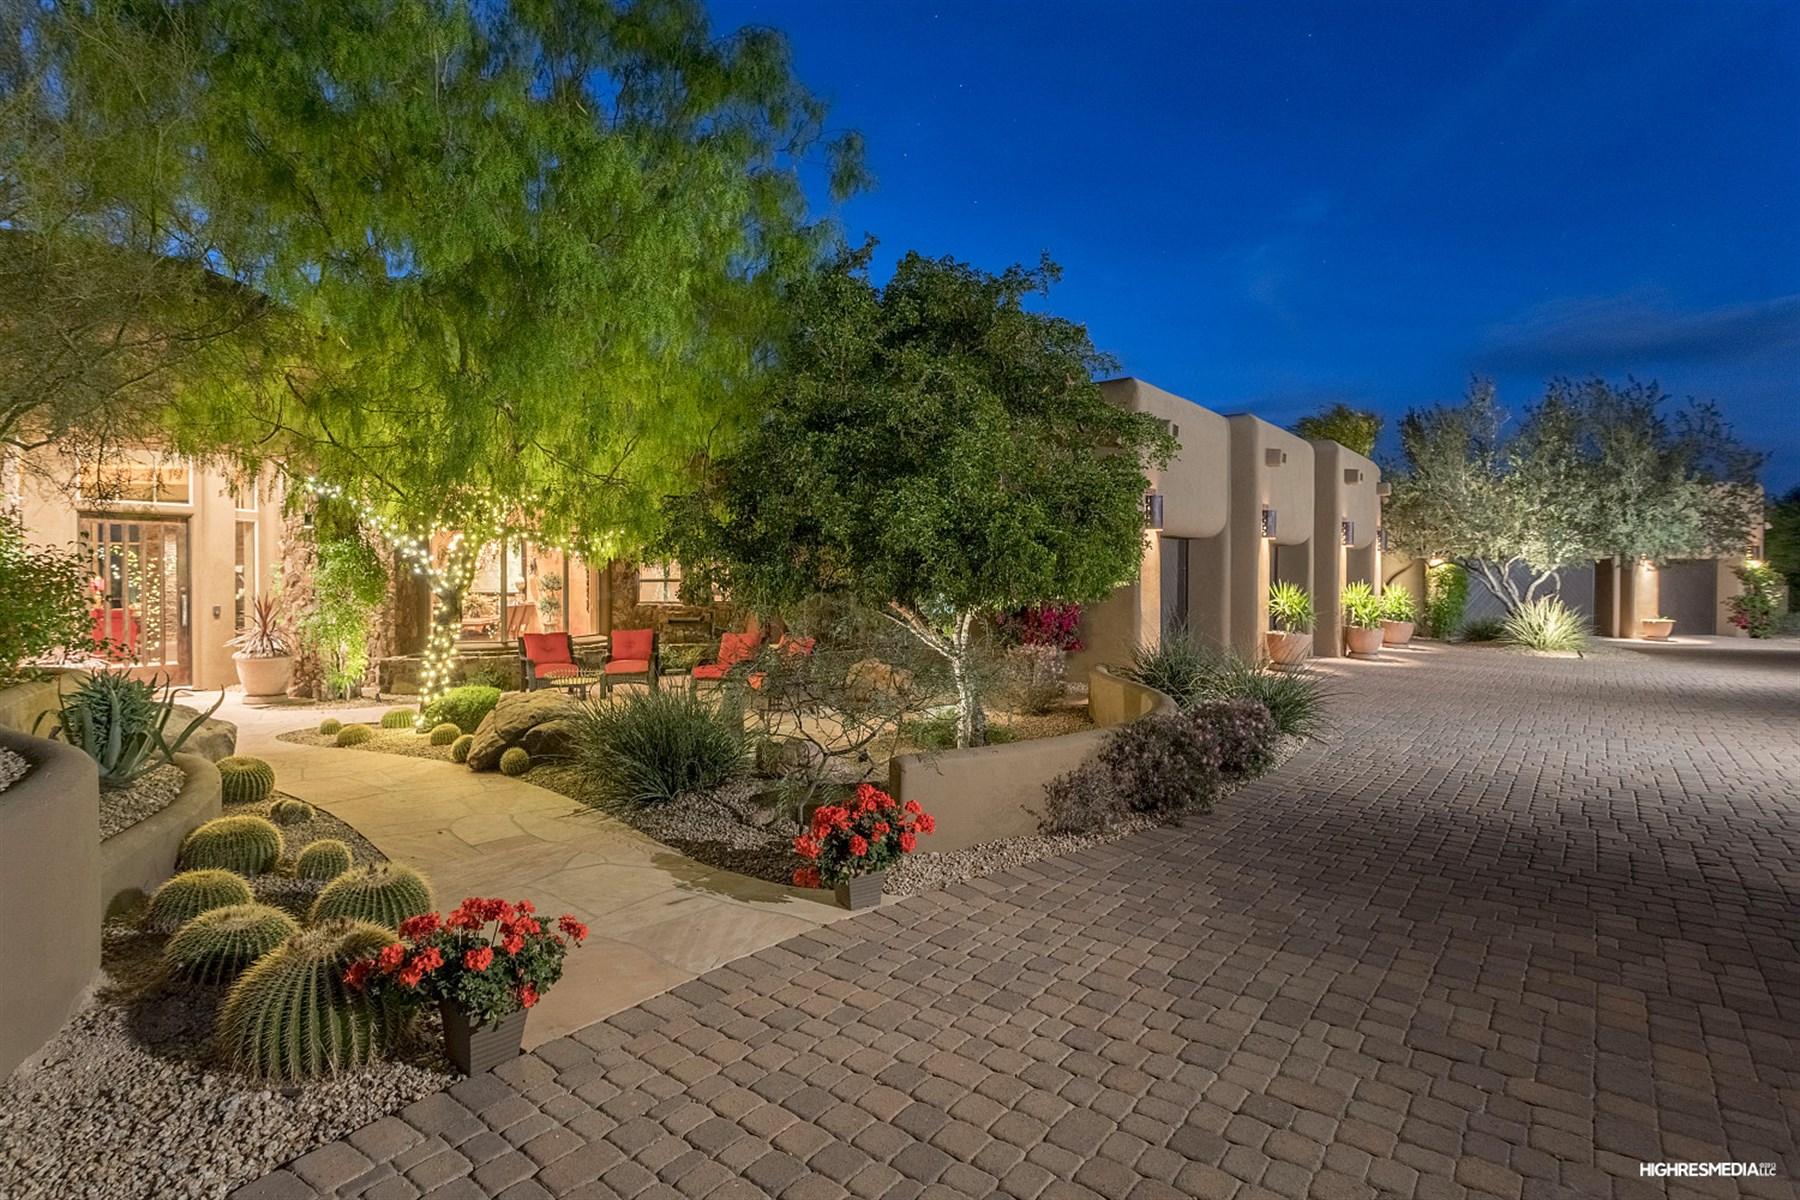 一戸建て のために 売買 アット Beautiful desert retreat 24200 N Alma School Rd 23 Scottsdale, アリゾナ, 85255 アメリカ合衆国